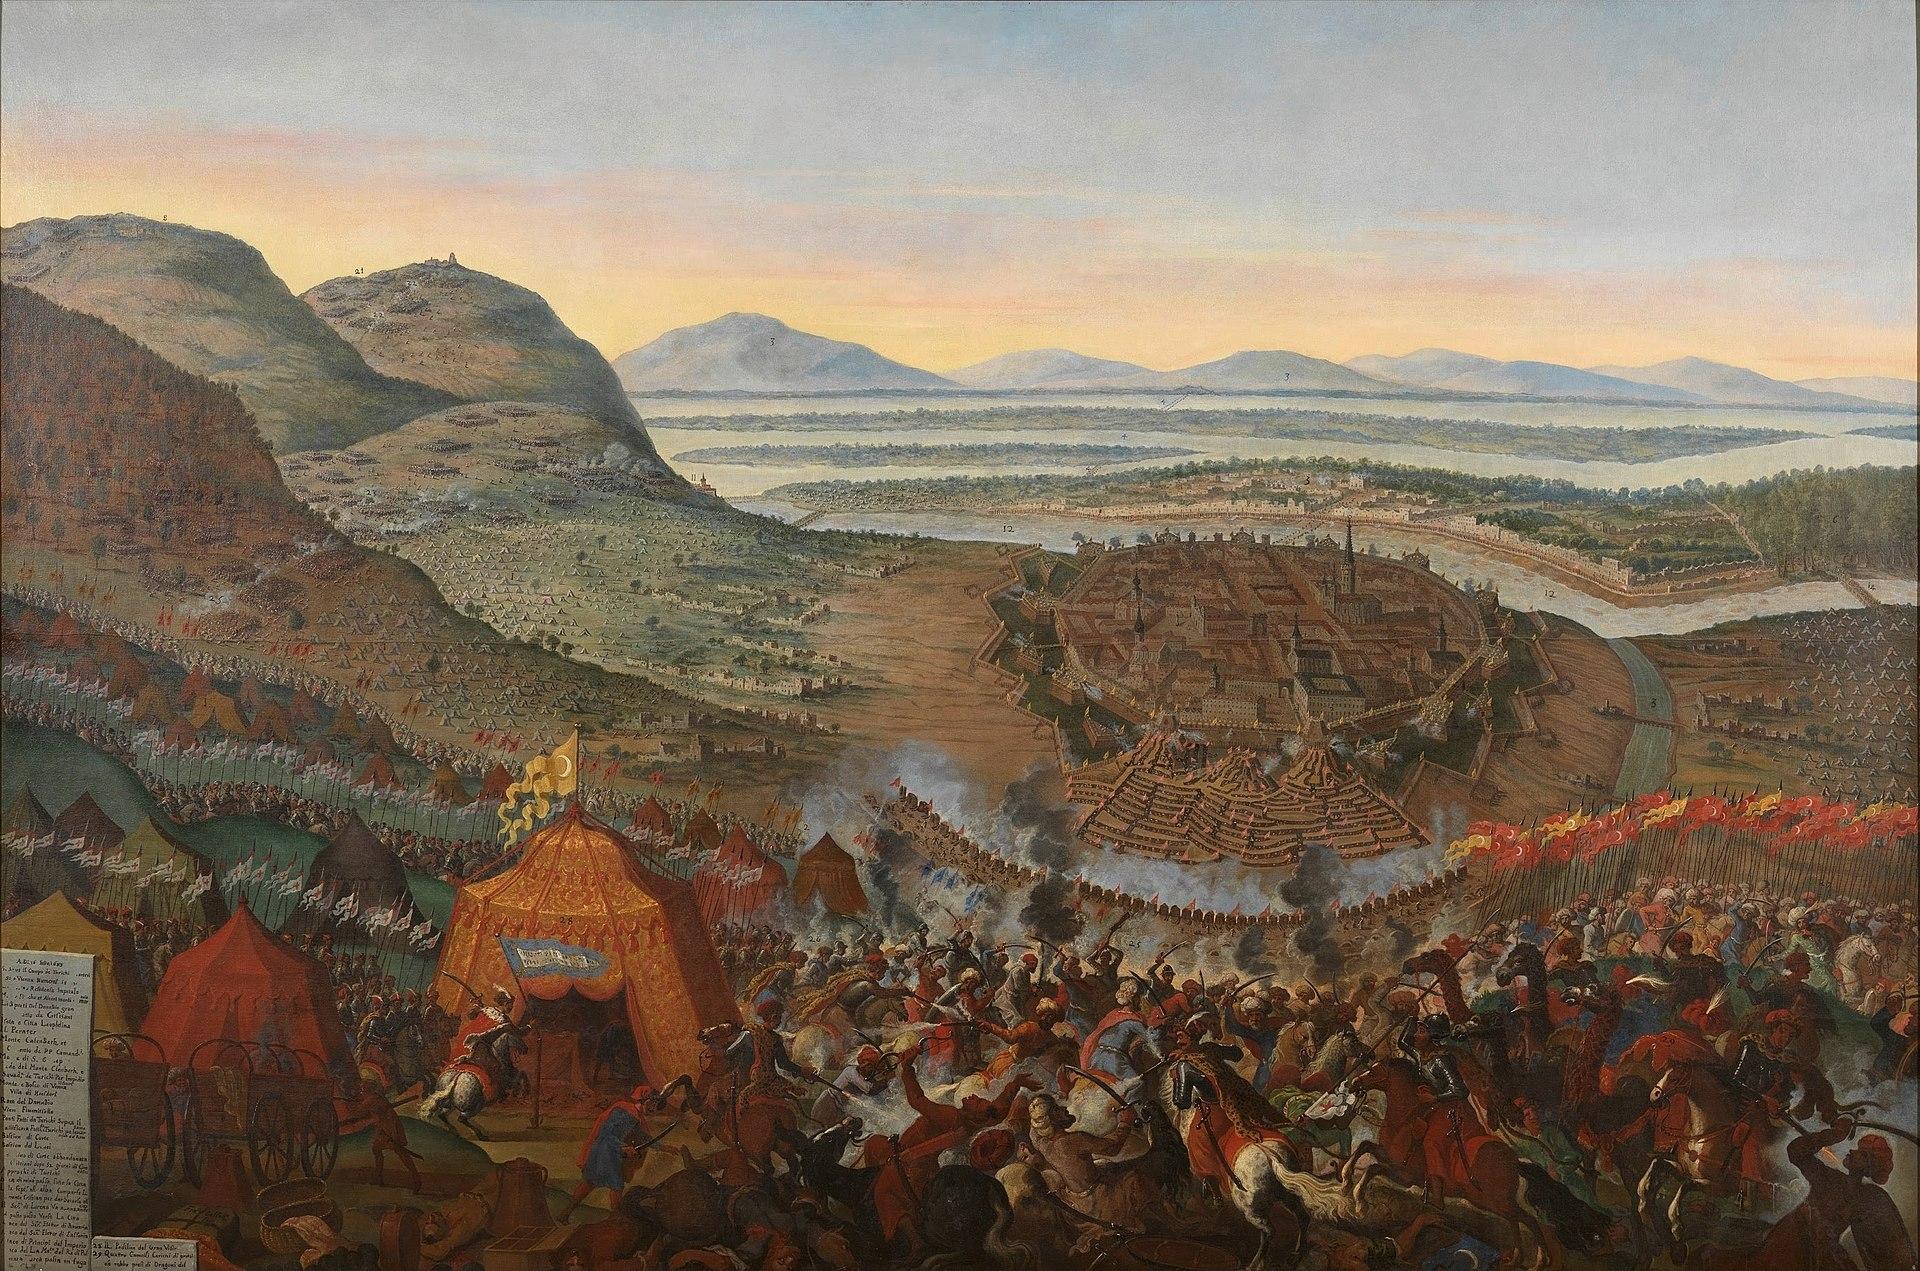 Zeitgenössisches Gemälde der Belagerung Wiens von 1683. Im Vordergrund das Entsatzheer von König JohannIII. Sobieski in der Schlacht gegen die Osmanen, im Hintergrund die belagerte Stadt.